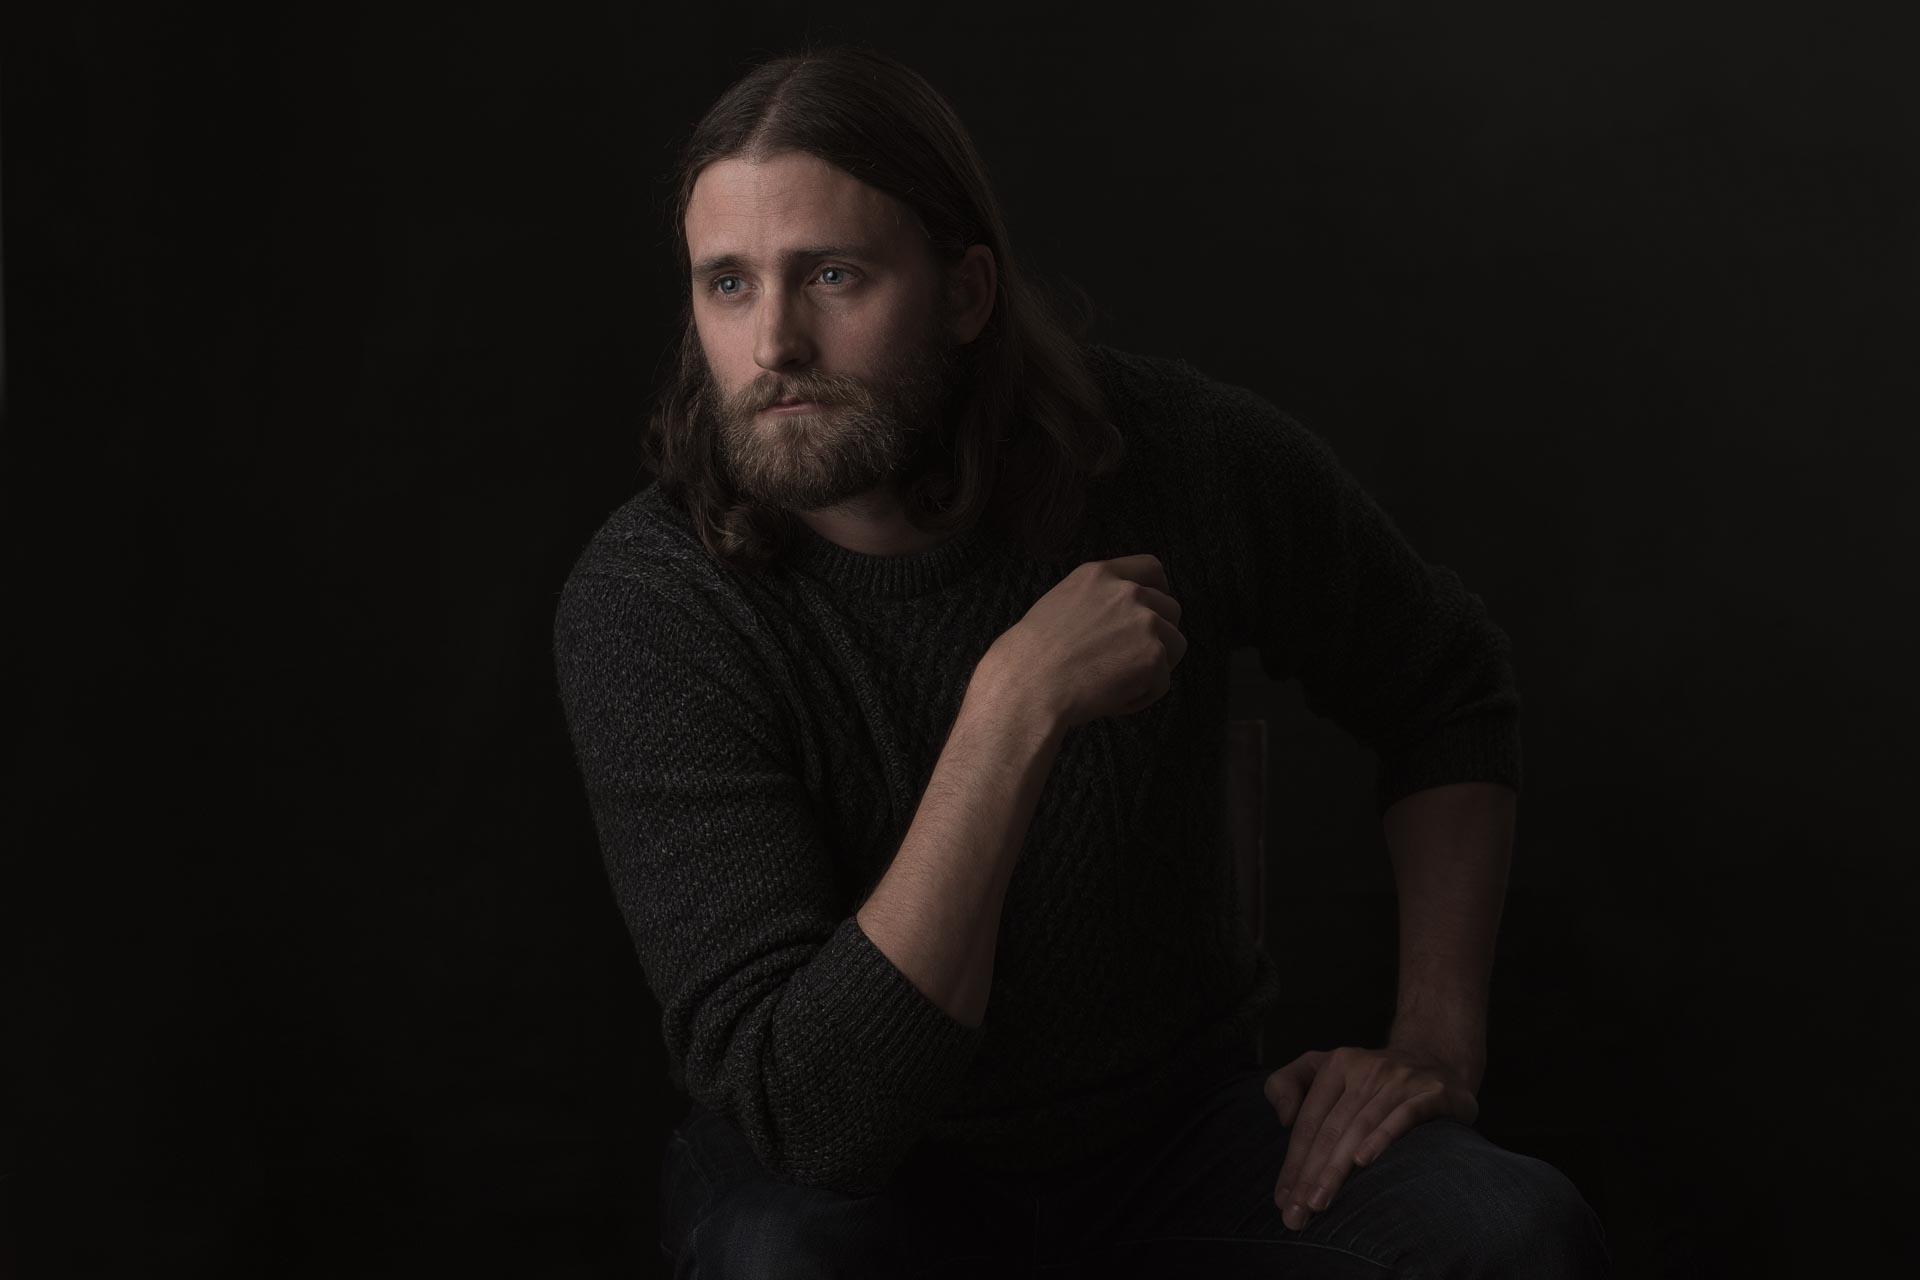 Studio photoshoot with Robert